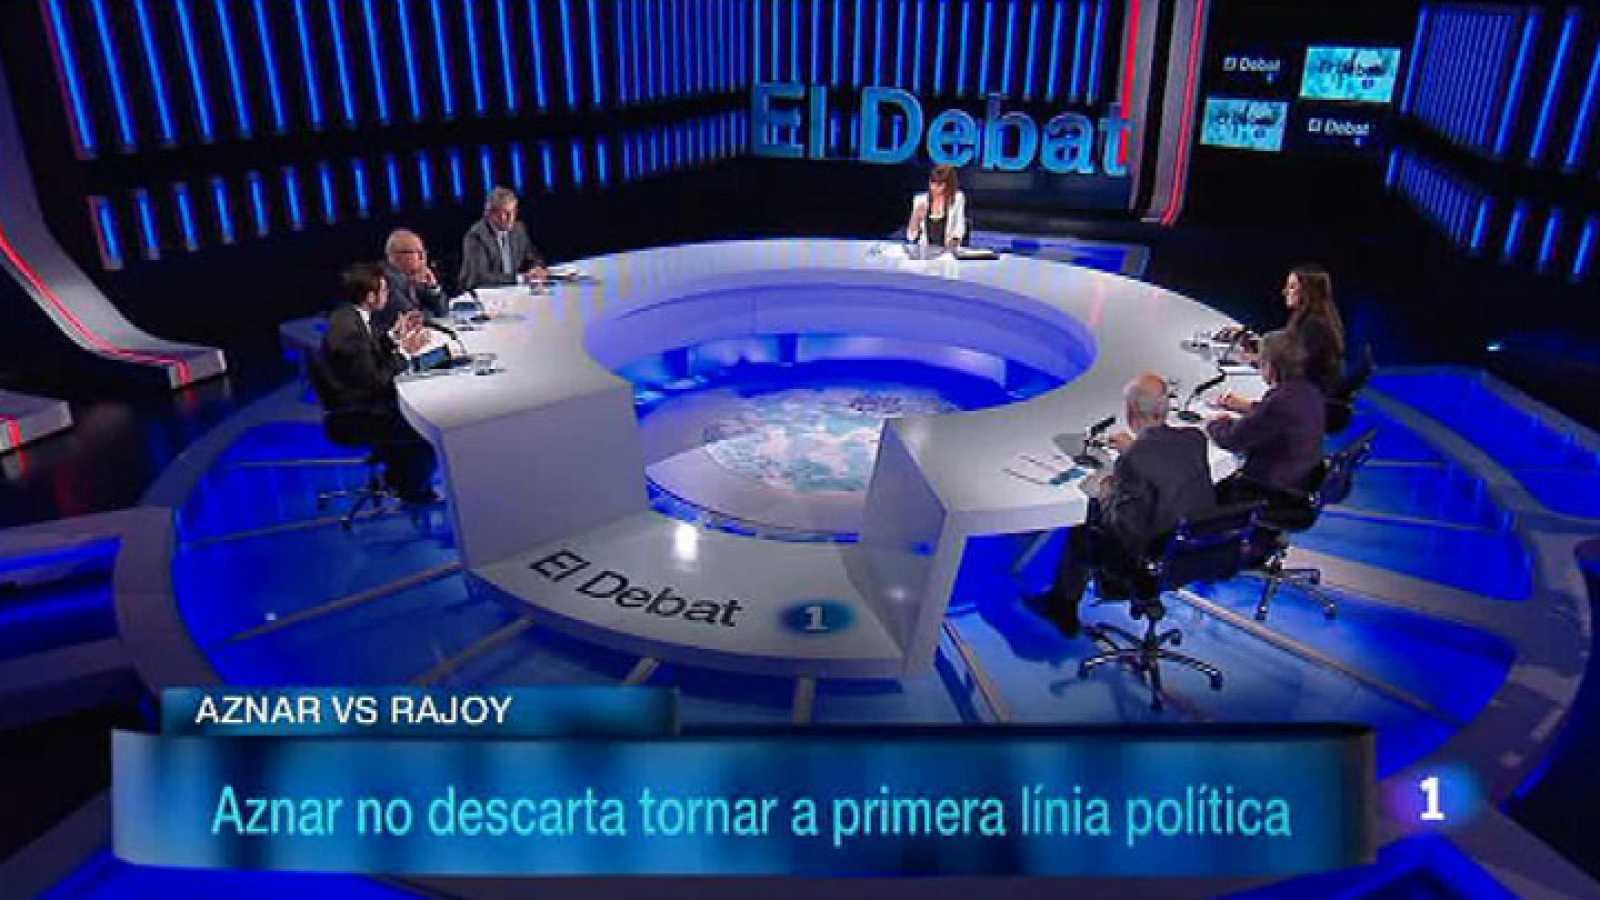 El Debat de La 1 - Aznar torna a primera plana